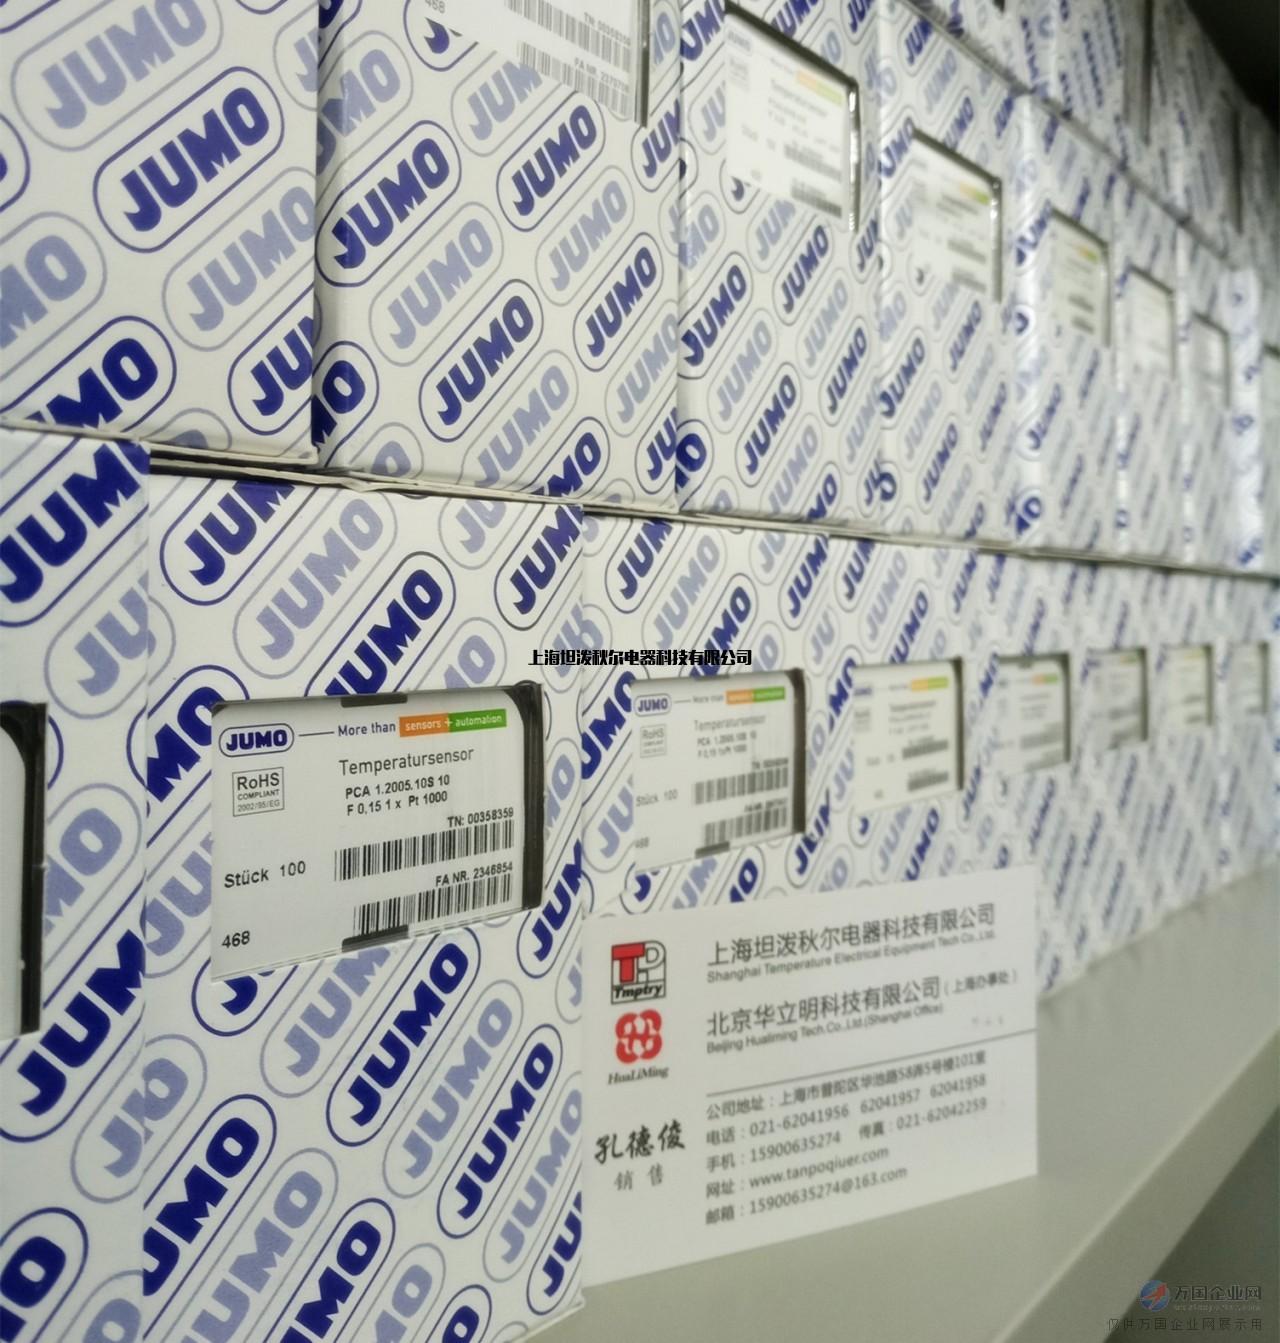 德国久茂薄膜式铂电阻温度传感元件JUMO热电阻